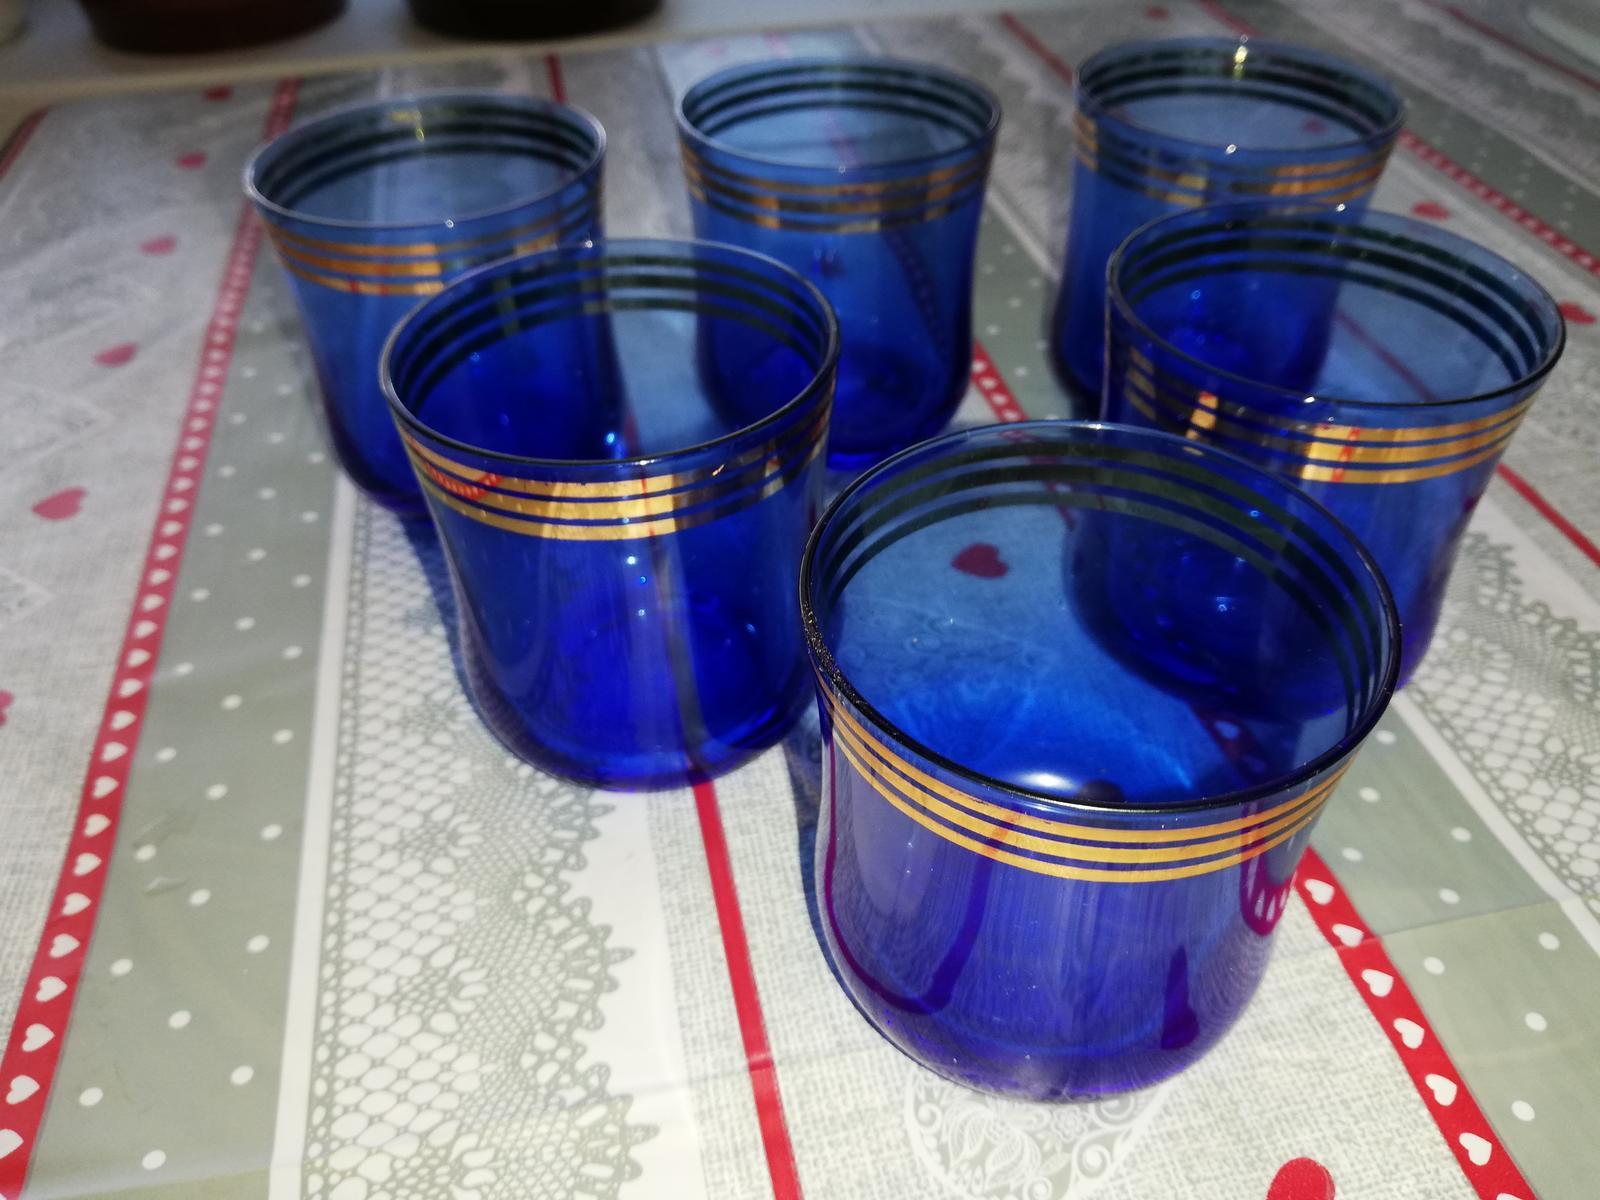 Kráľovsky modré retro poháre - Obrázok č. 1